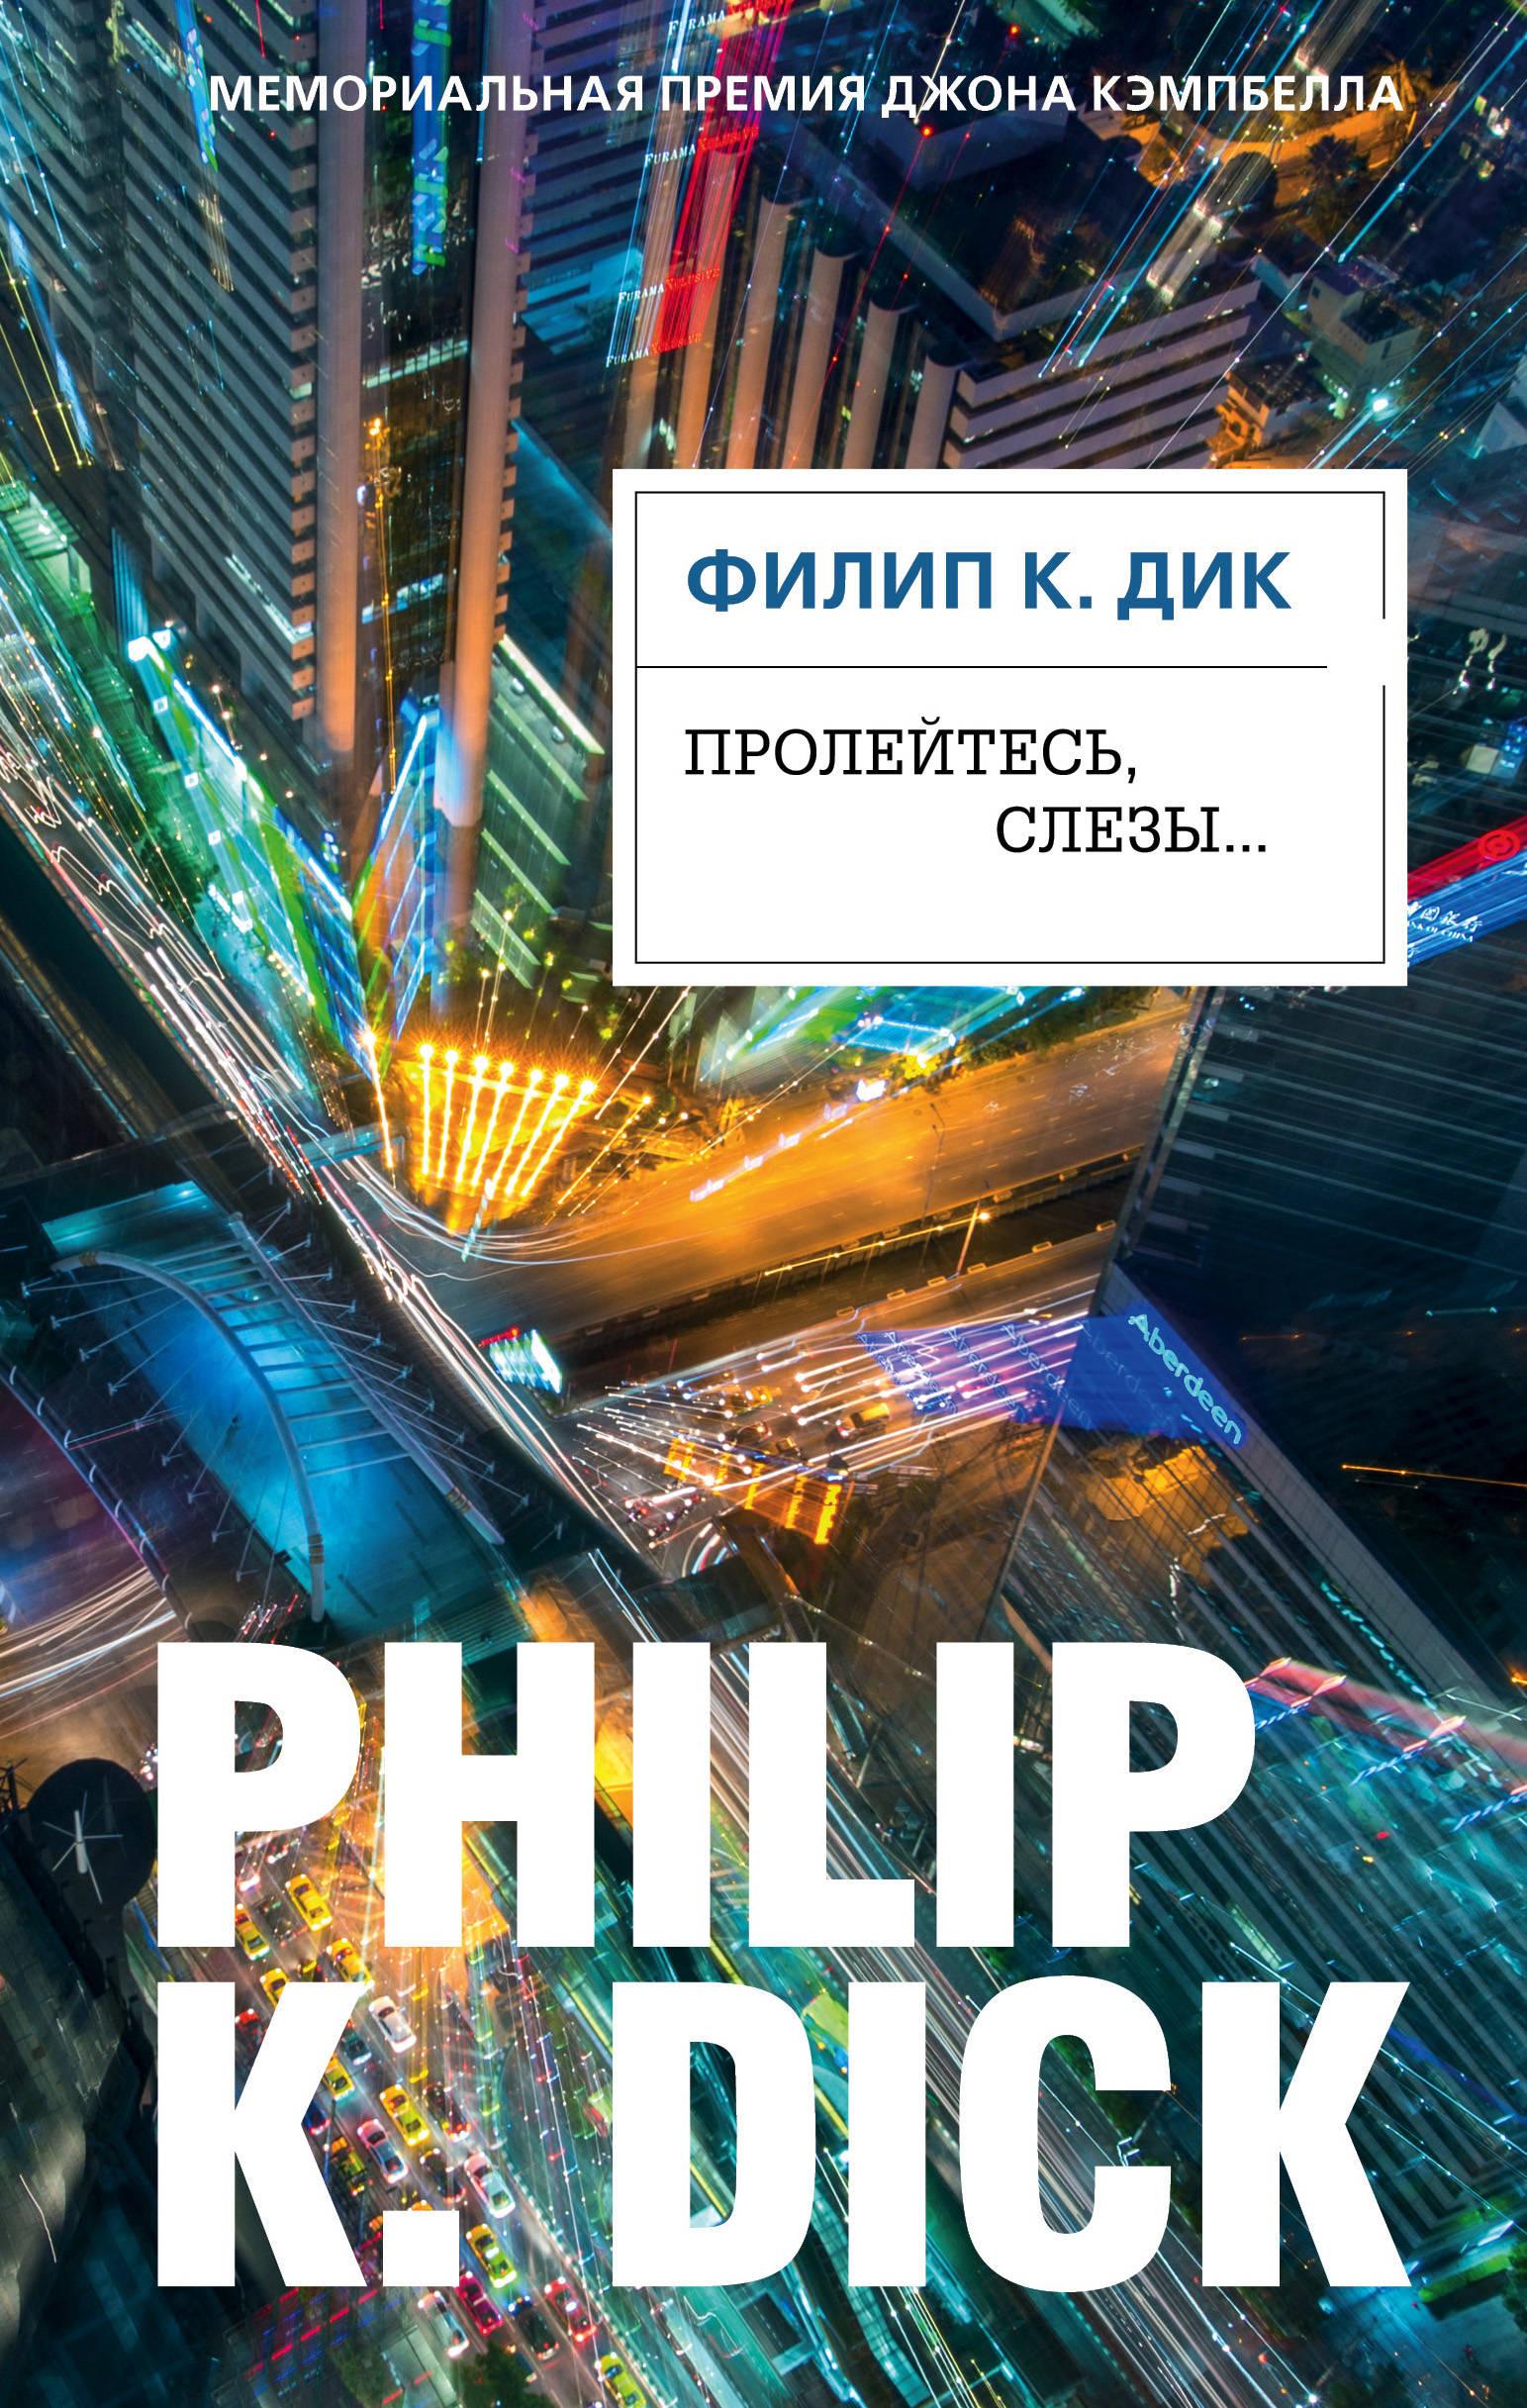 Филип К. Дик Пролейтесь, слезы...